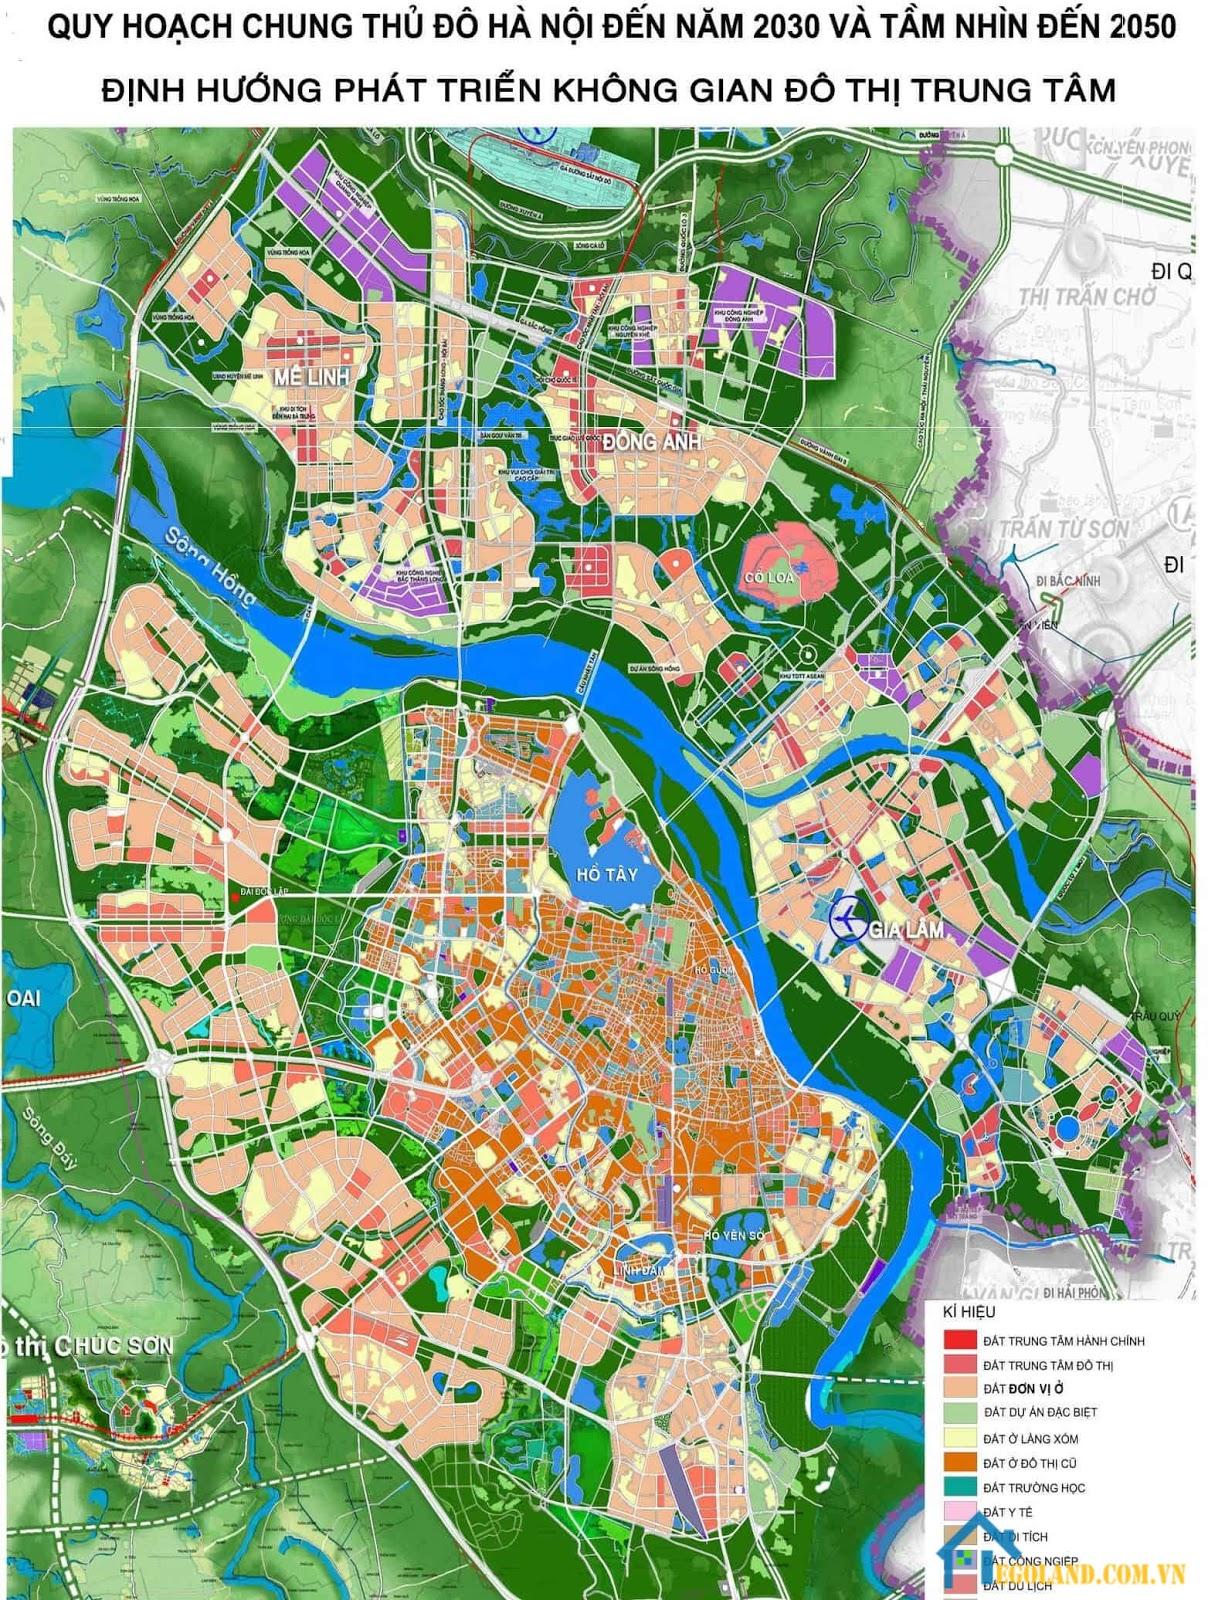 Bản đồ Hà Nội khổ lớn về quy hoạch và sử dụng đất